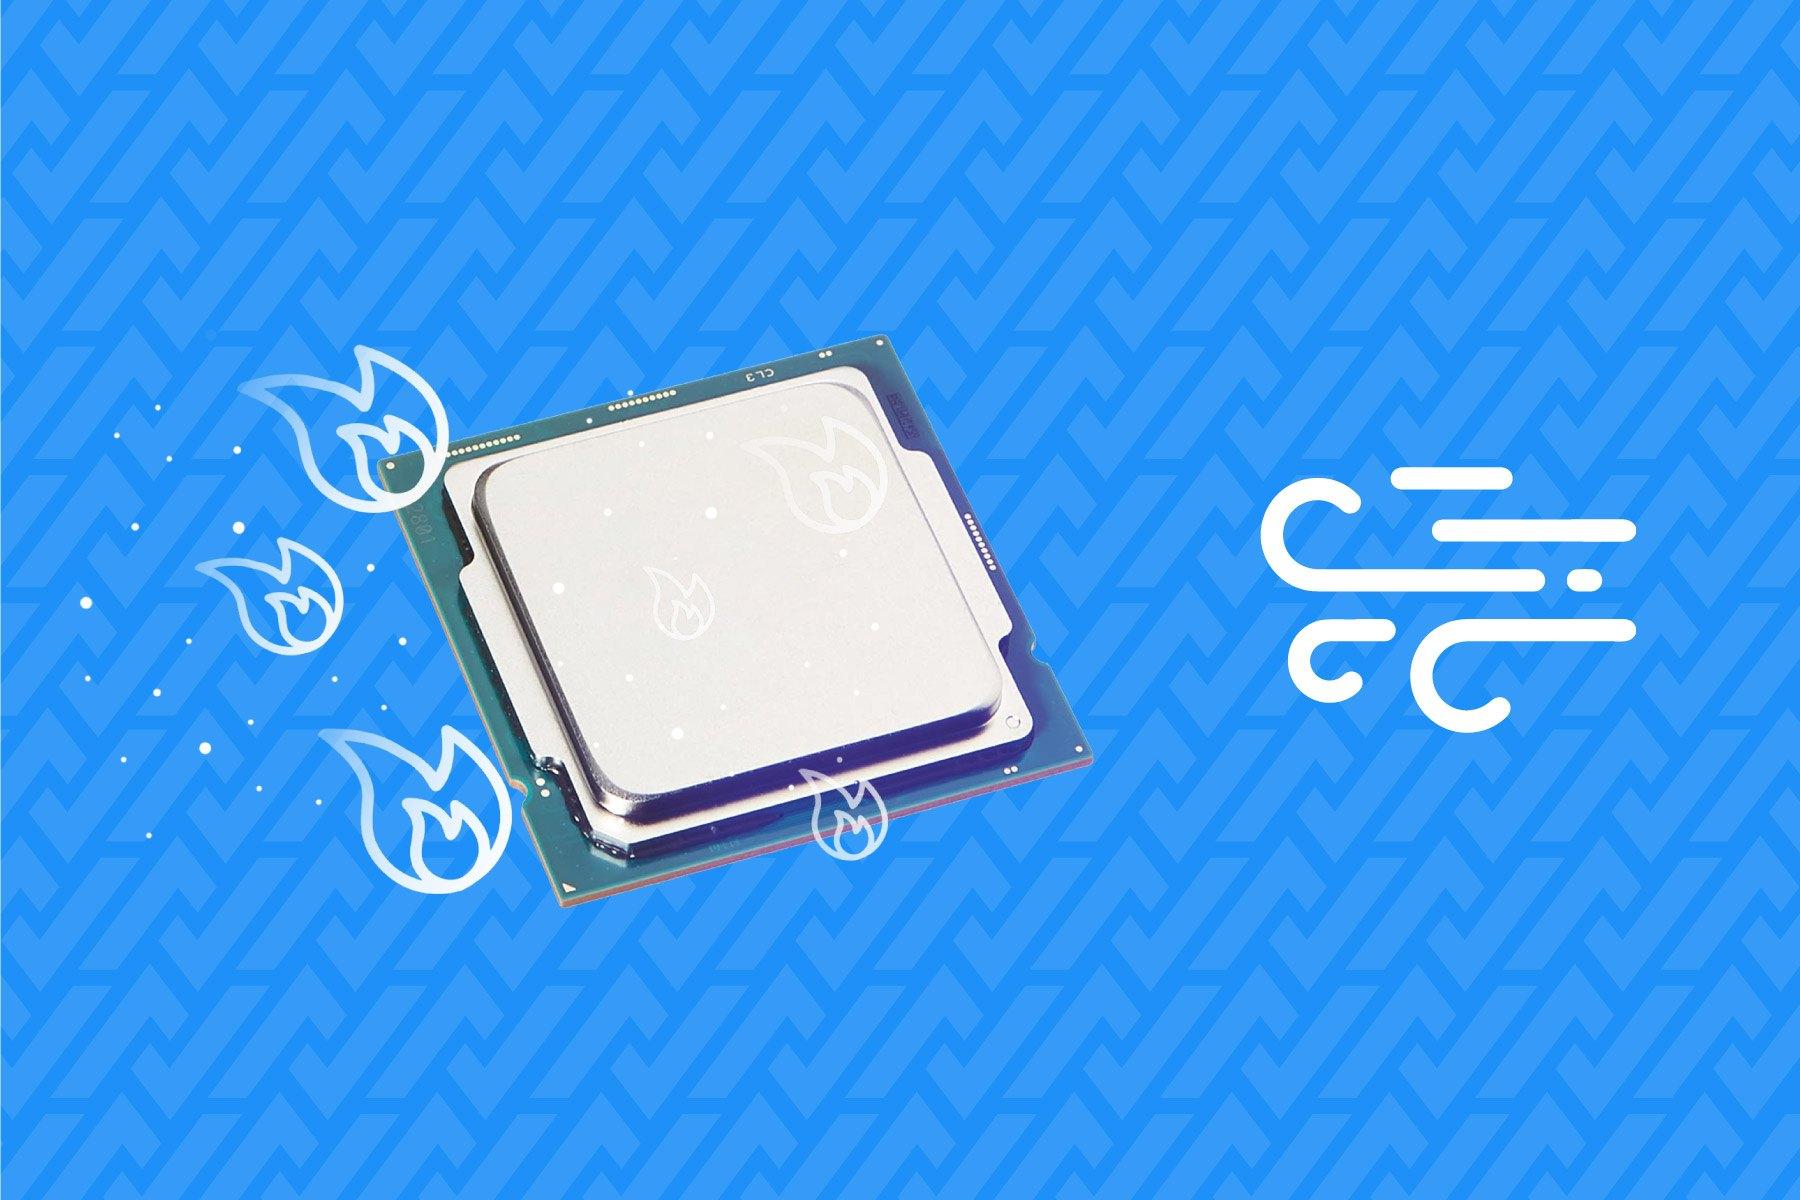 Comment bien choisir son processeur